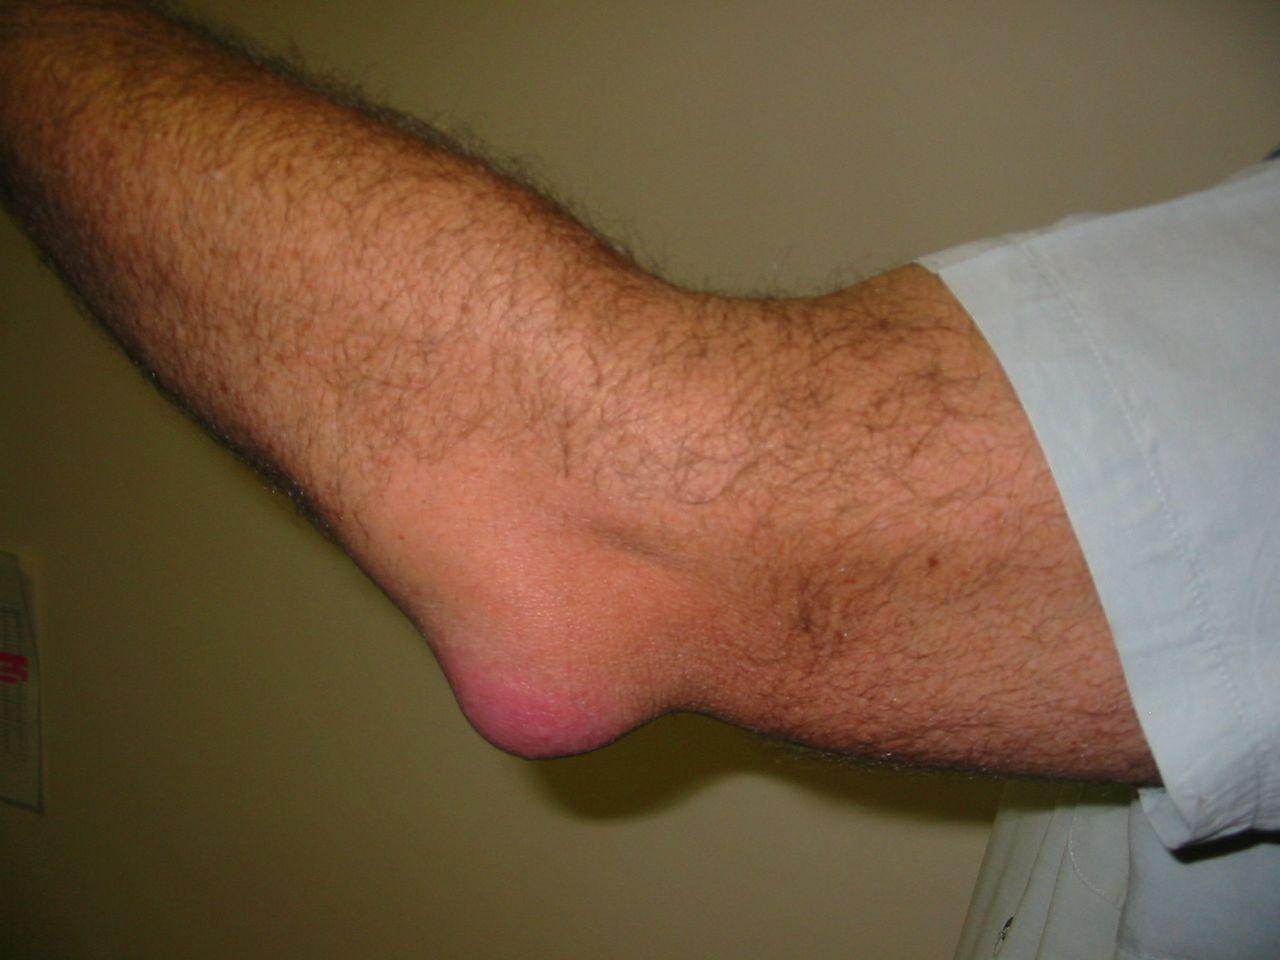 duzzadt bokaízület az egyik lábon vállfájdalom fájdalom edzés után